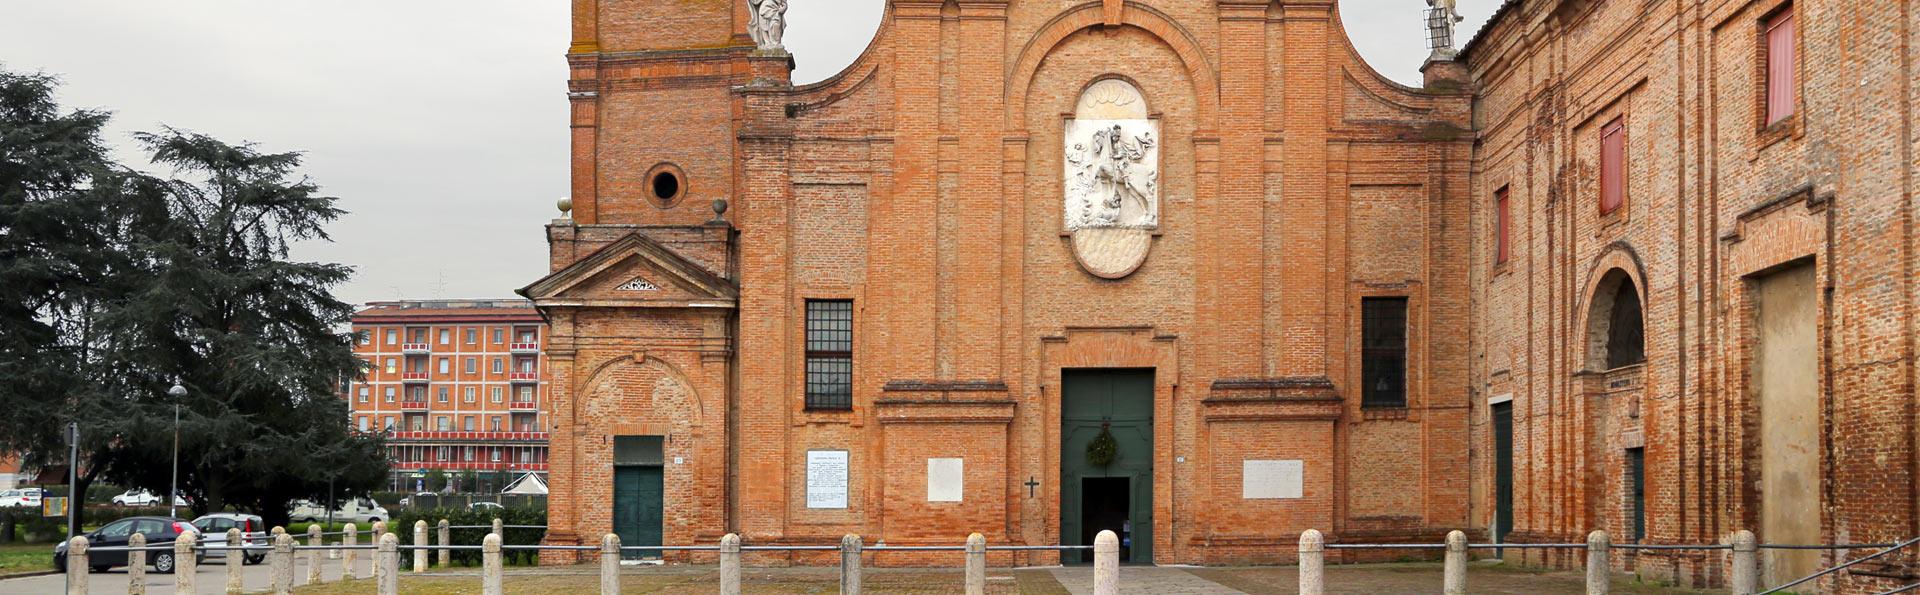 chiesa san giorgio ferrara